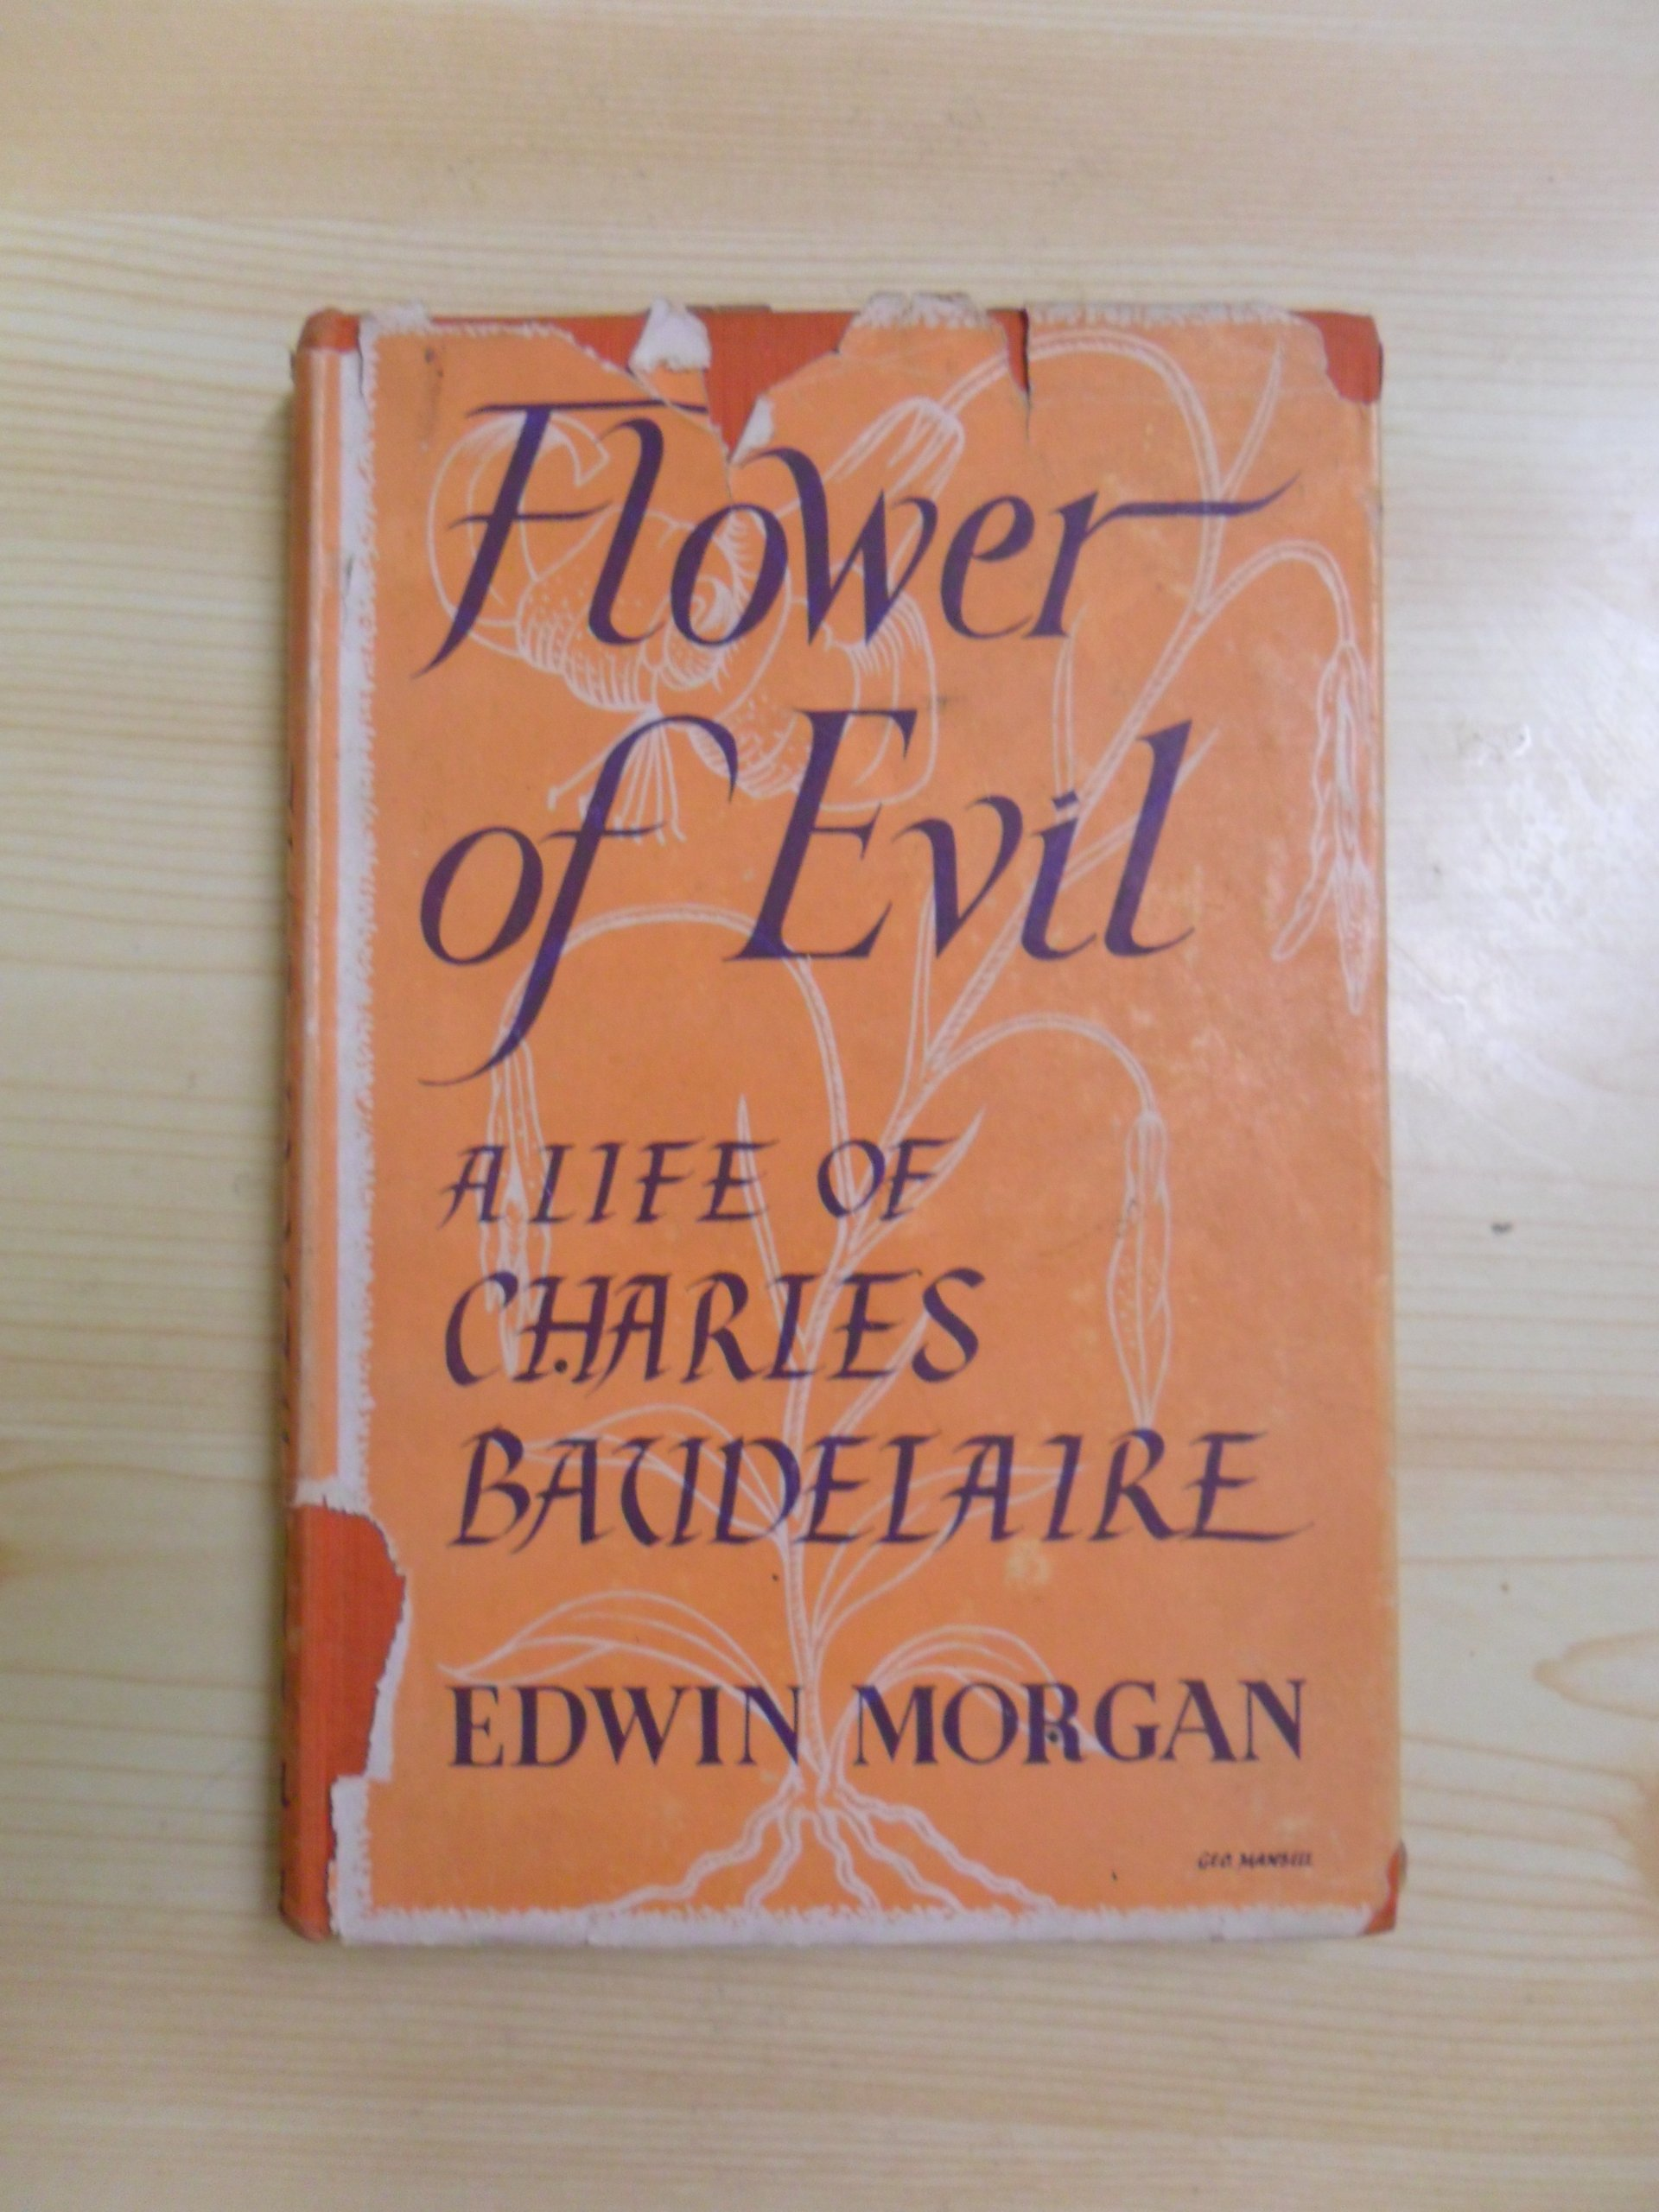 FLOWER OF EVIL, Edwin Morgan